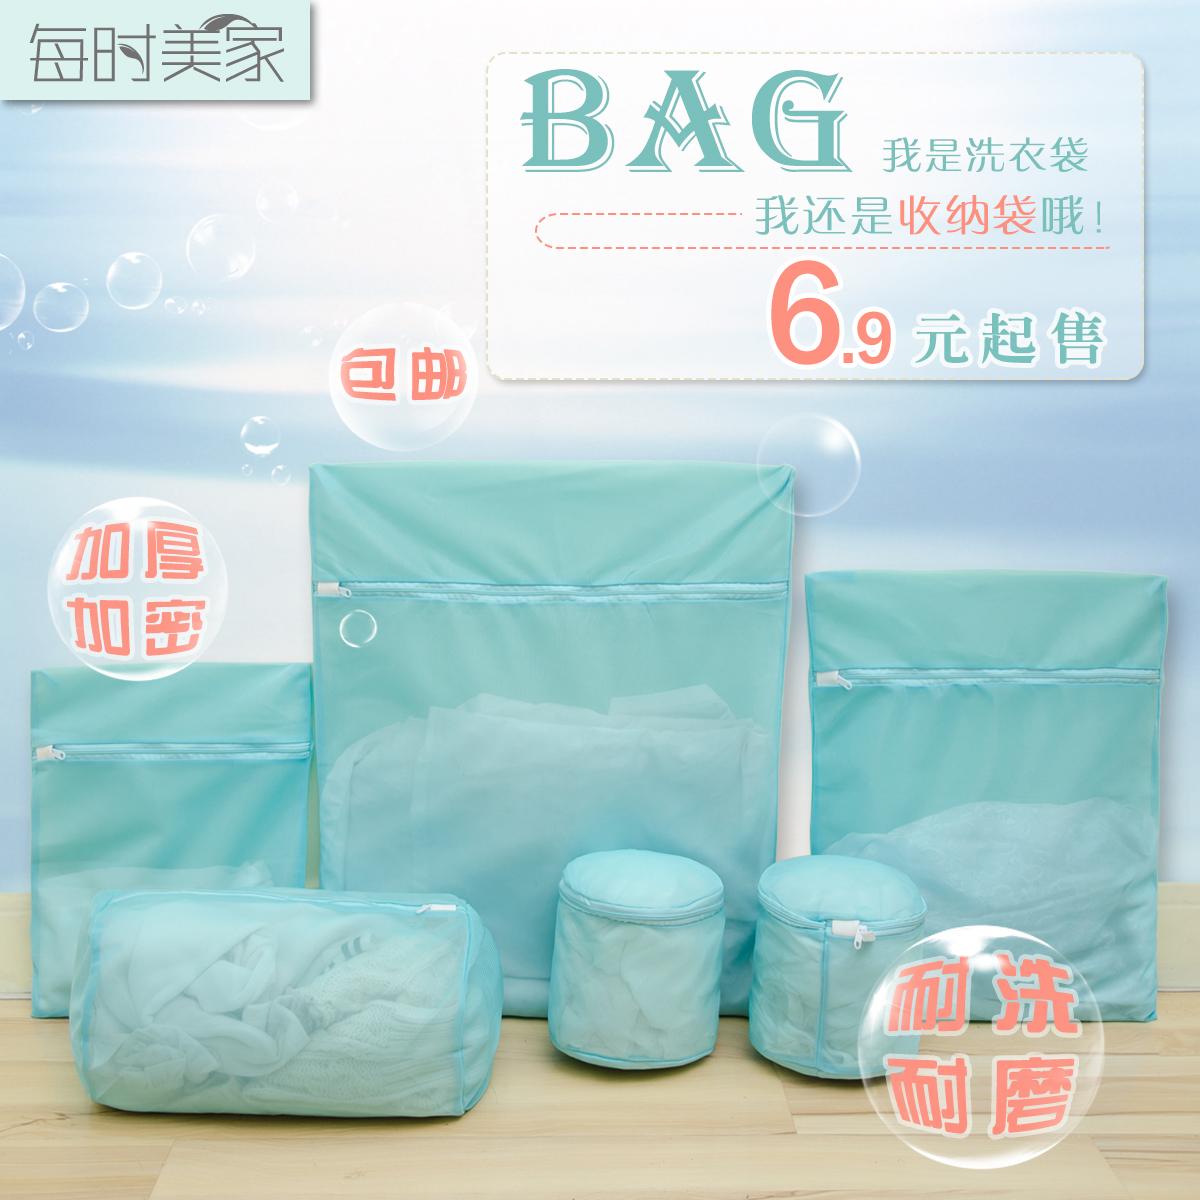 洗衣袋护洗袋细网组合套装家用衣服内衣机洗保护着防缠绕网兜网袋